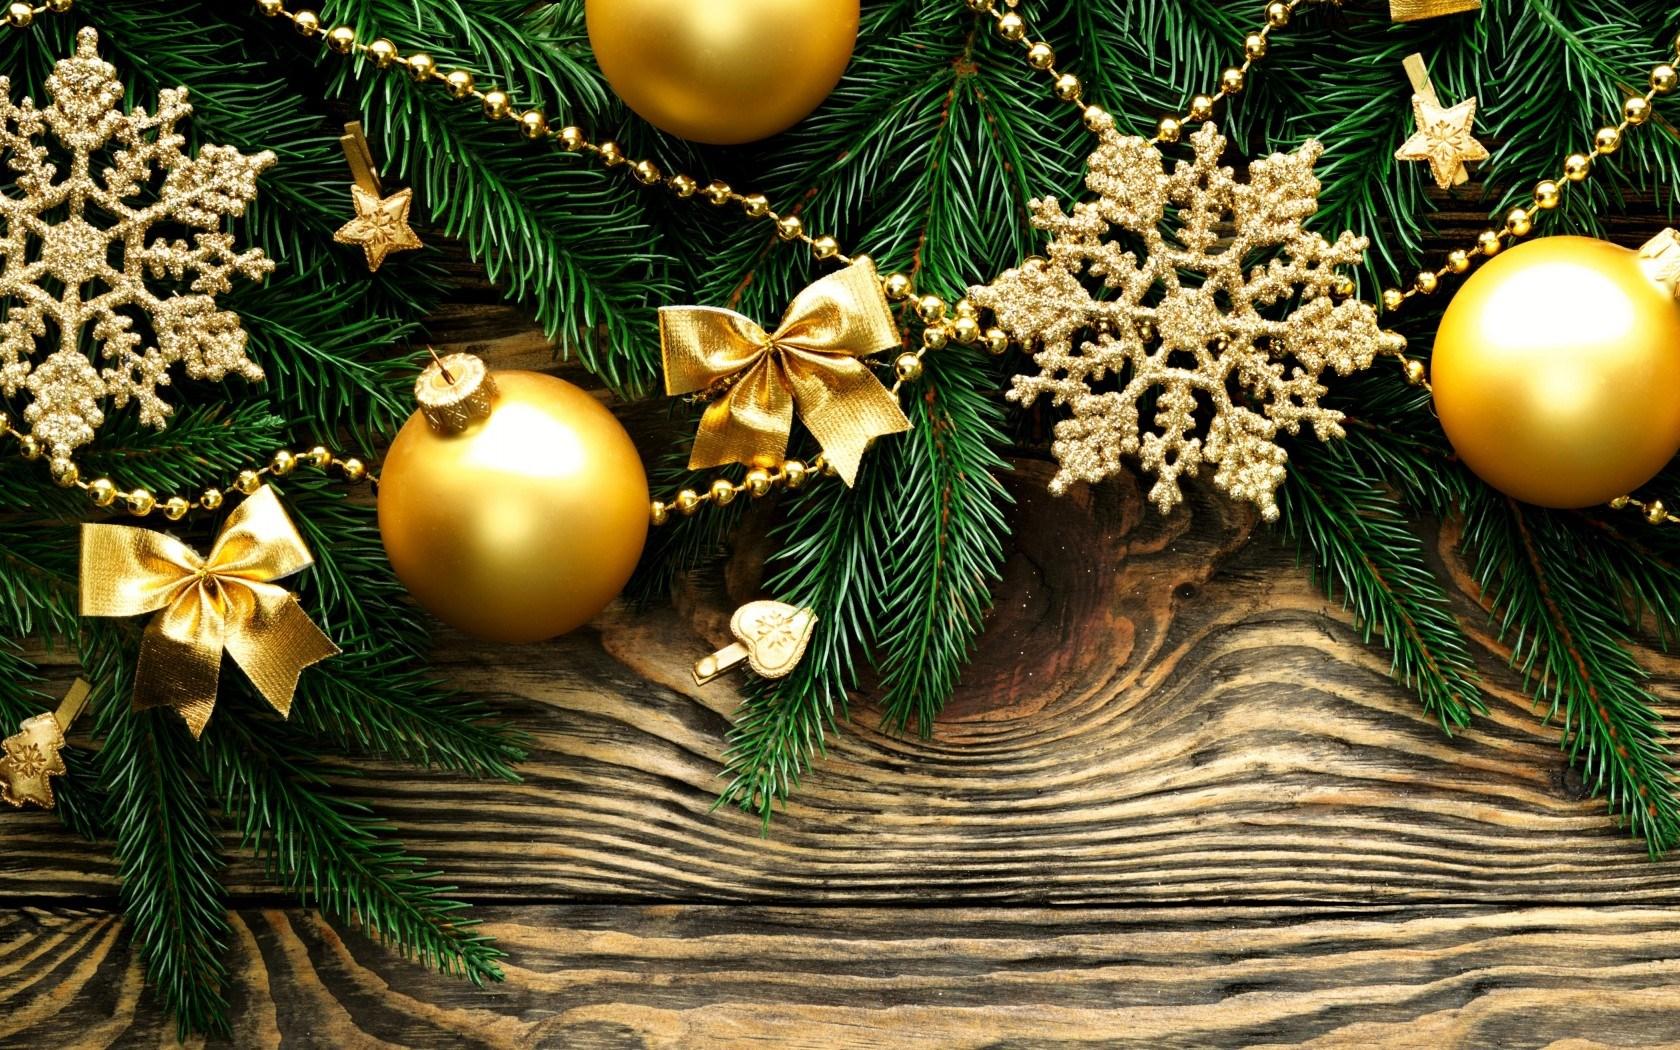 картинка с новогодней тематикой некоторых